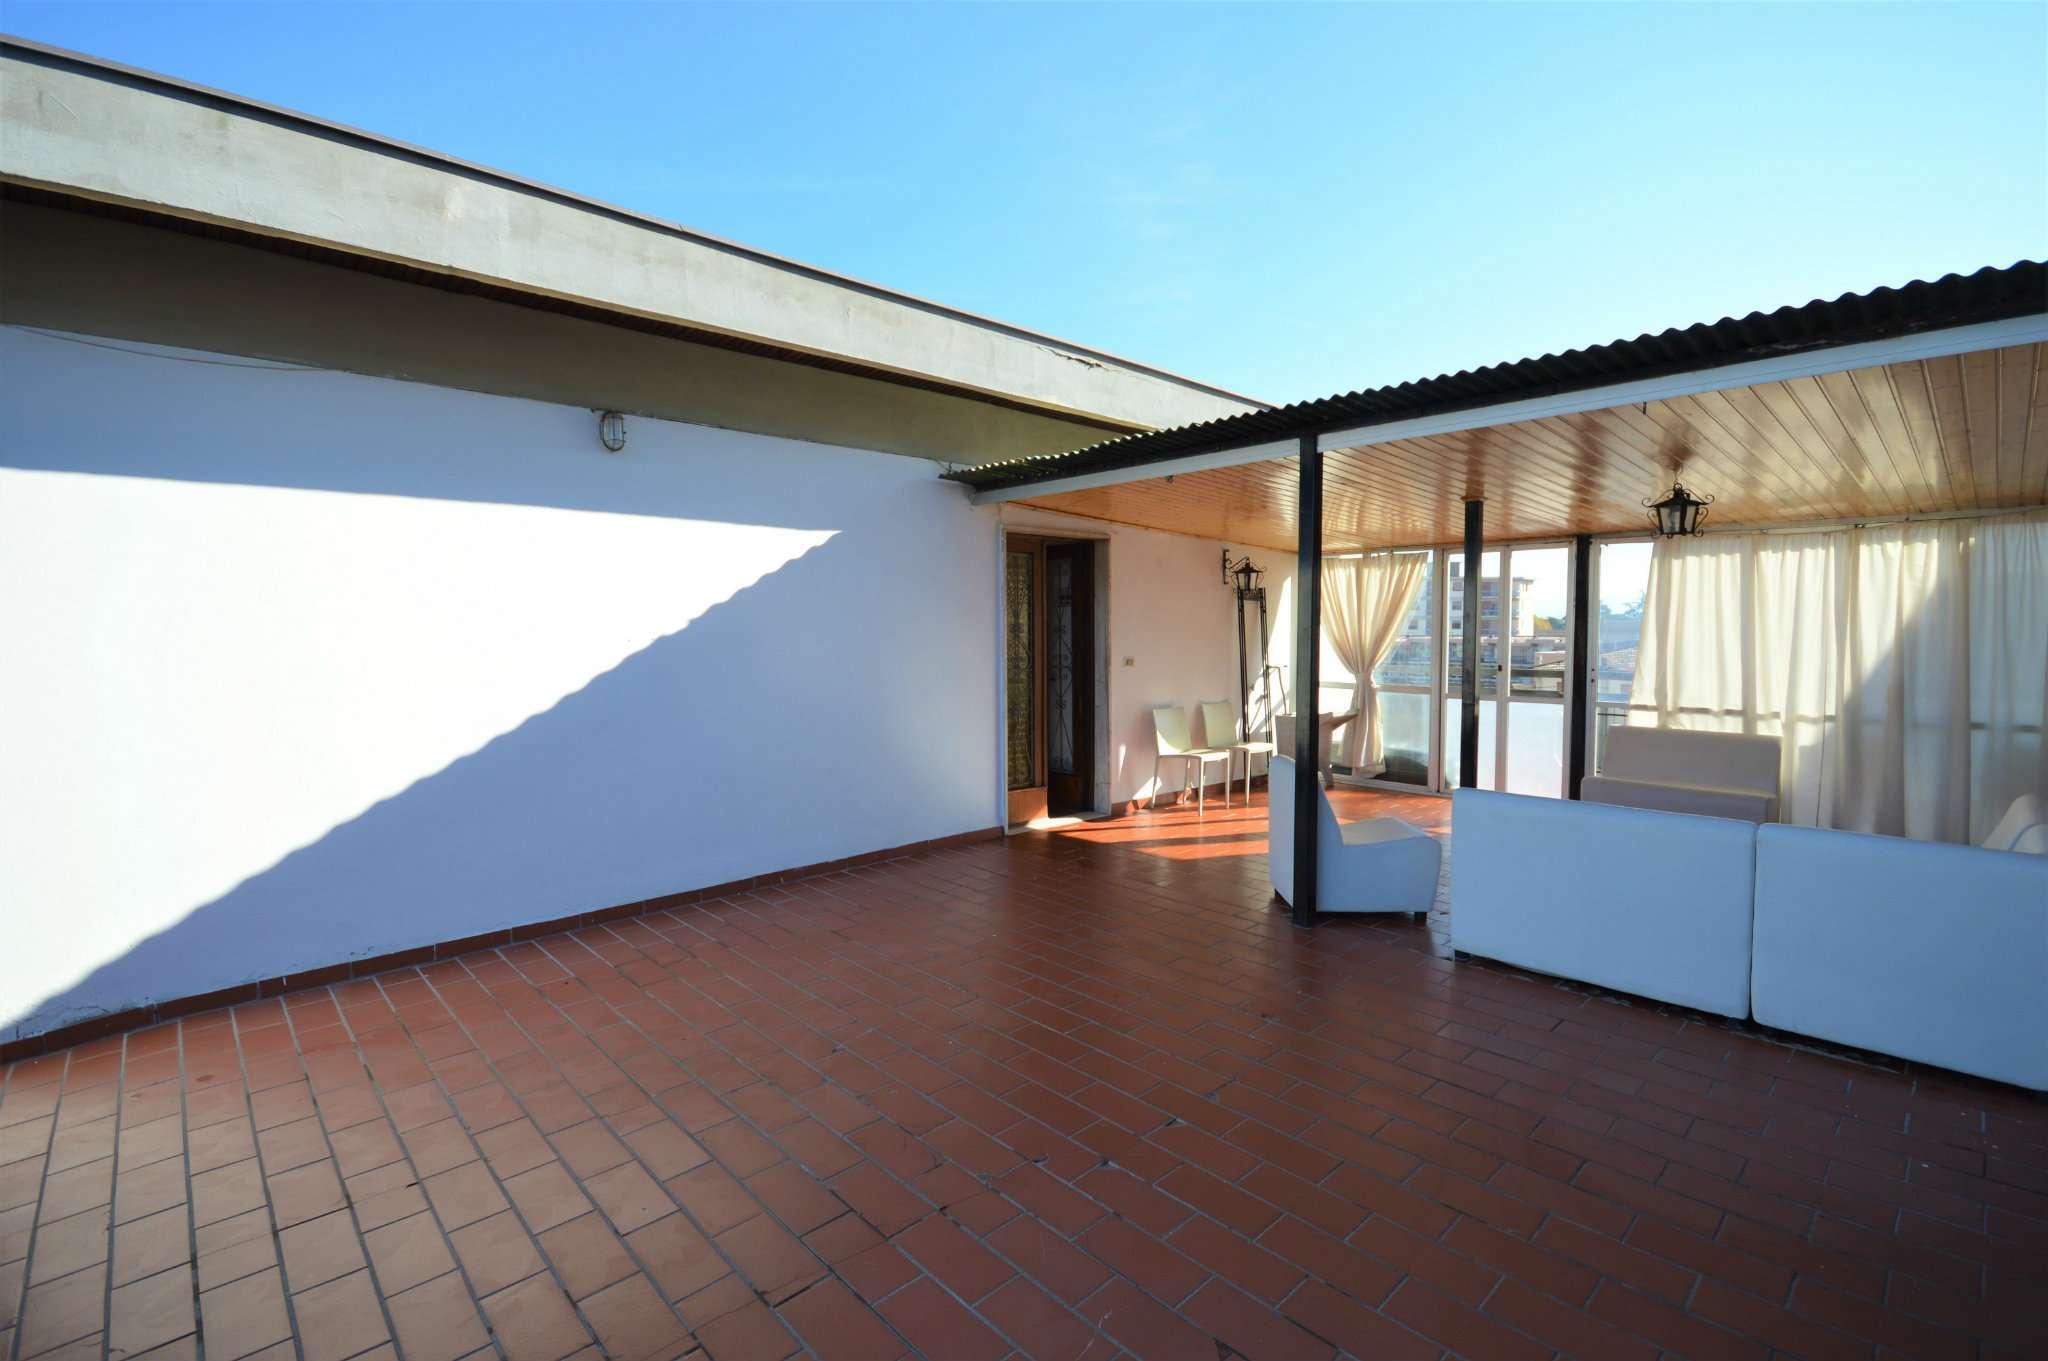 Attico / Mansarda in vendita a Montevarchi, 4 locali, prezzo € 89.000 | Cambio Casa.it